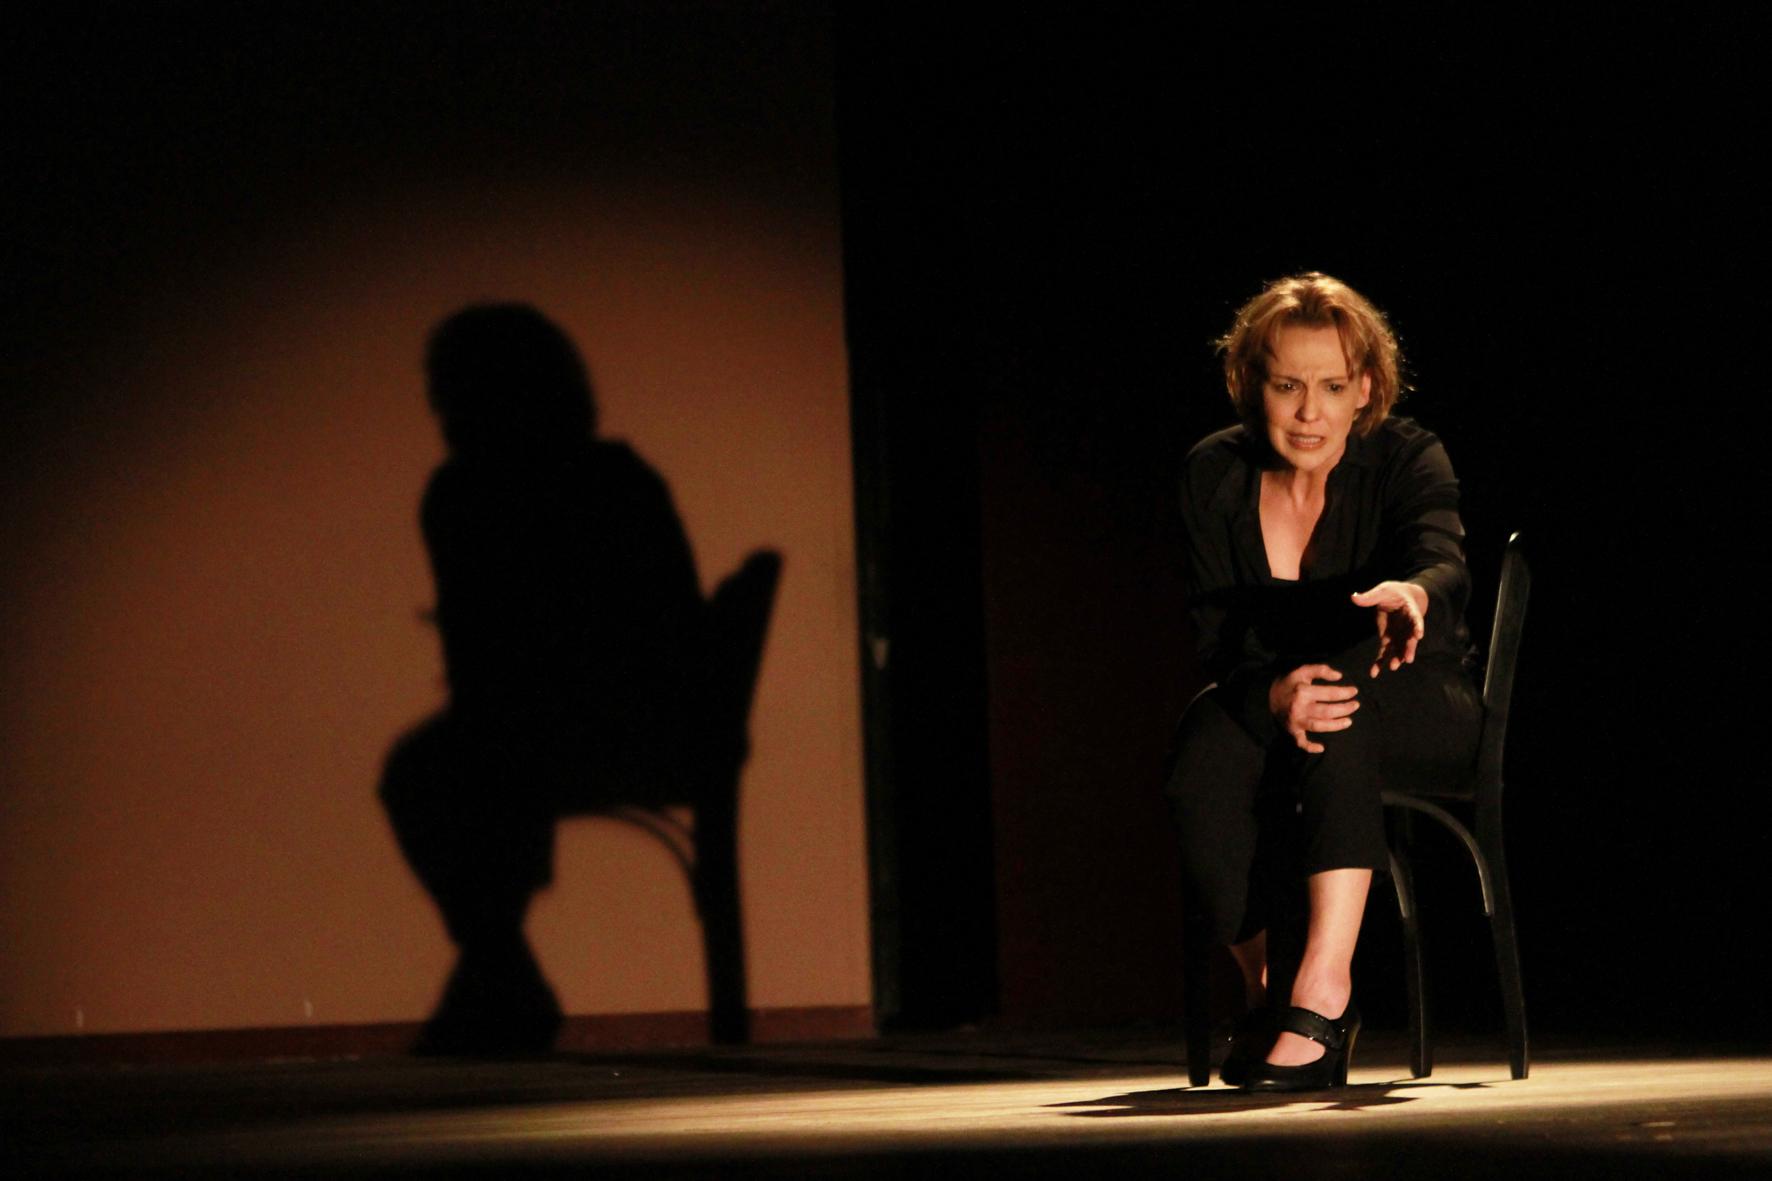 Ana Beatriz Nogueira em cena, sentada numa cadeira, com sua sombra projetada ao lado